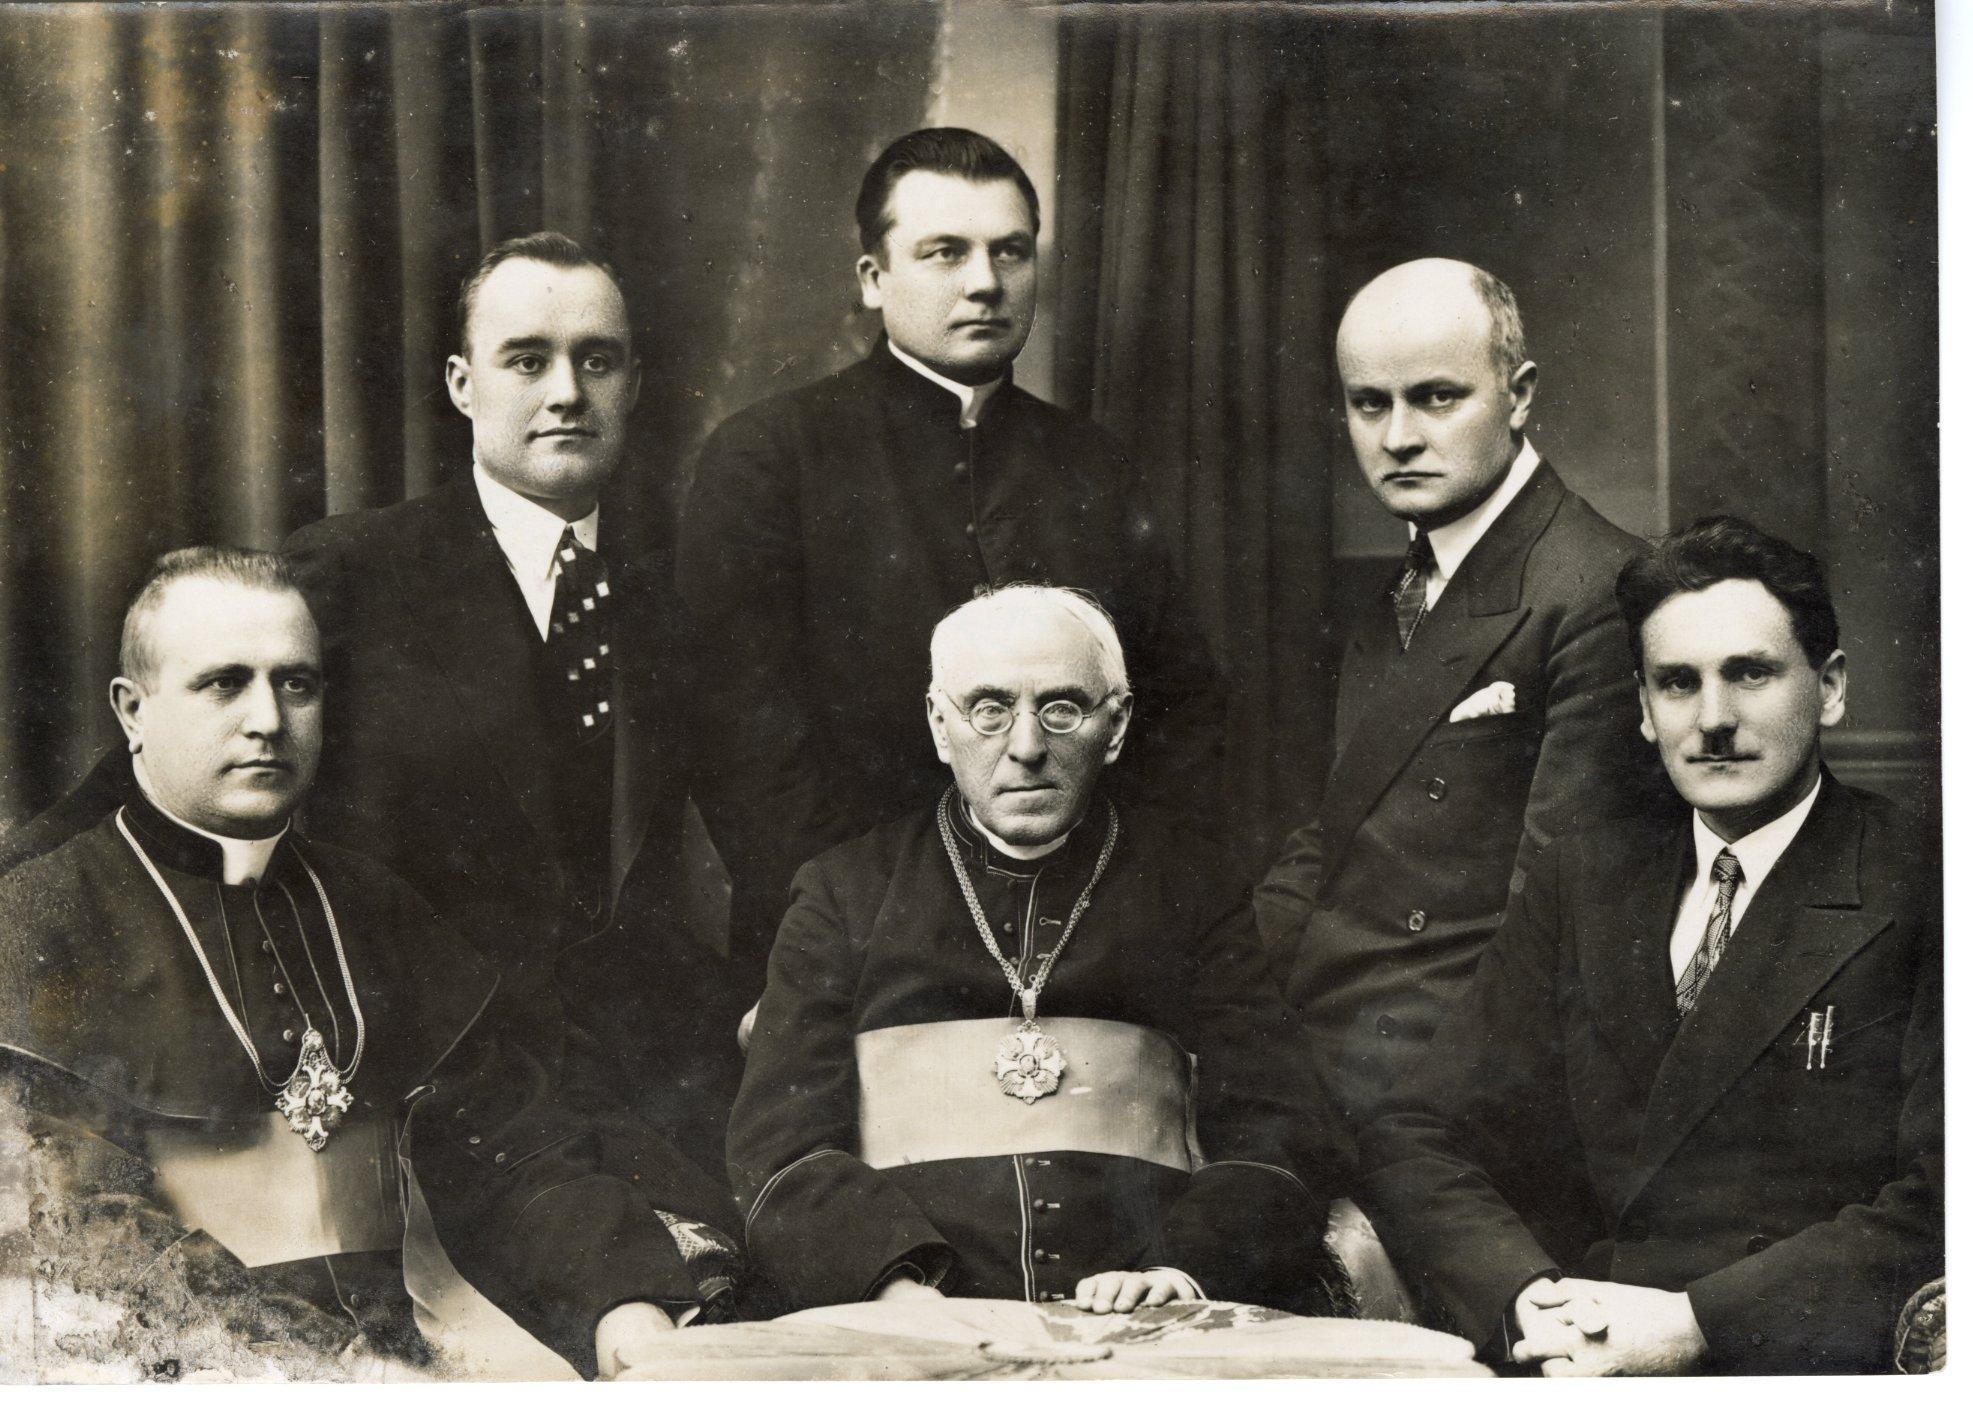 Lietuvių katalikų mokslo akademijos valdyba. 1933 m. Sėdi iš kairės: B. Čėsnys, A. Jakštas-Dambrauskas, J. Eretas; stovi: J. Skrupskis, B. Mikalauskas, A. Gylys